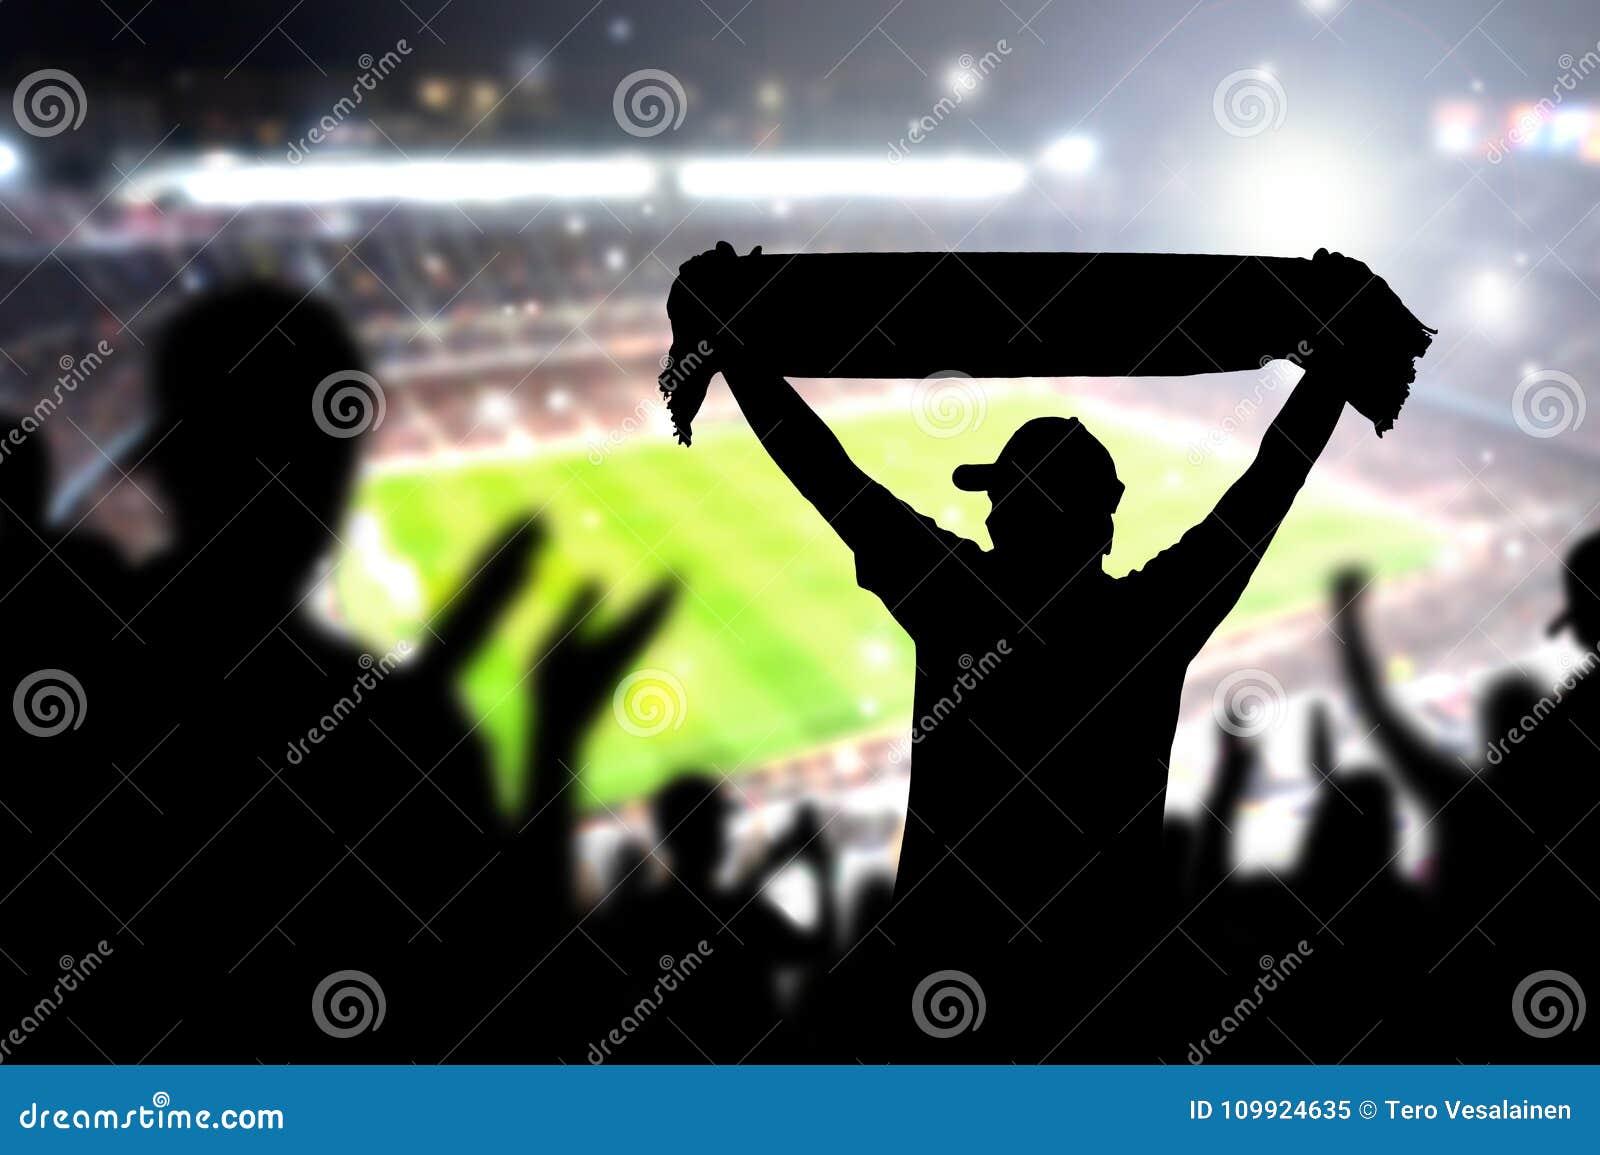 Folkmassa och fans i fotbollsarena Folk i fotbolllek